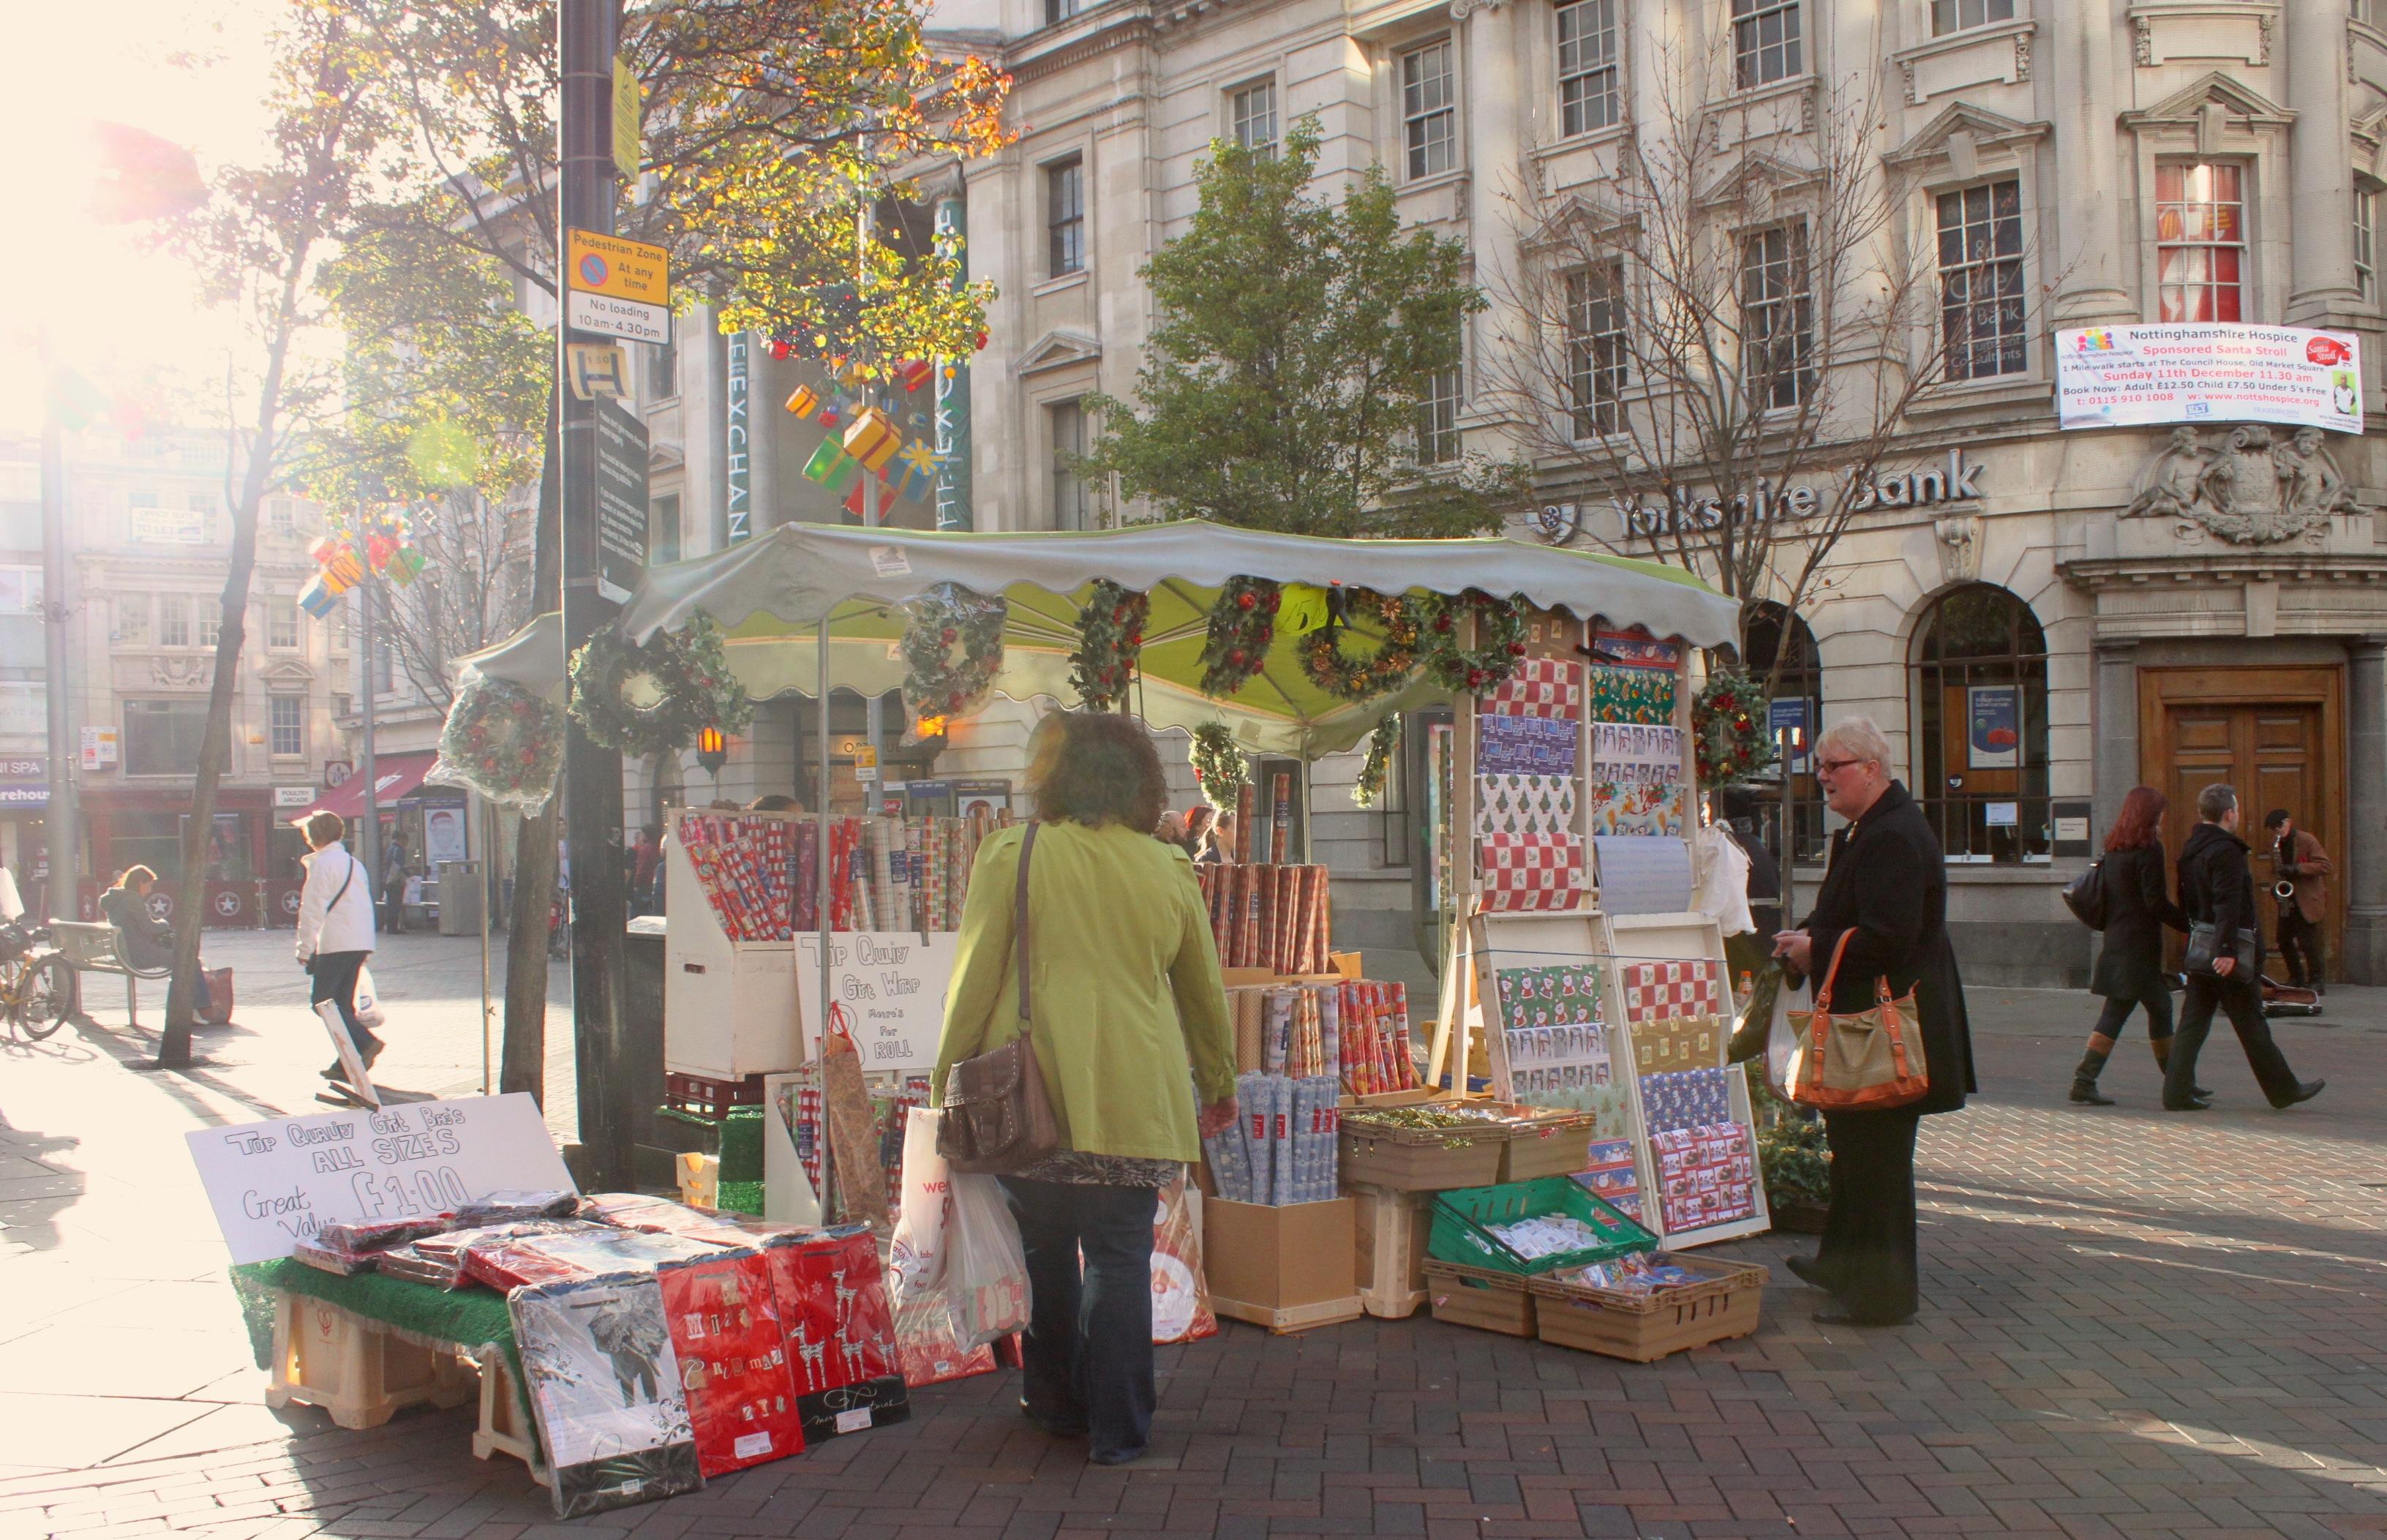 Nel centro di Nottingham a dicembre tutto sa di Natale